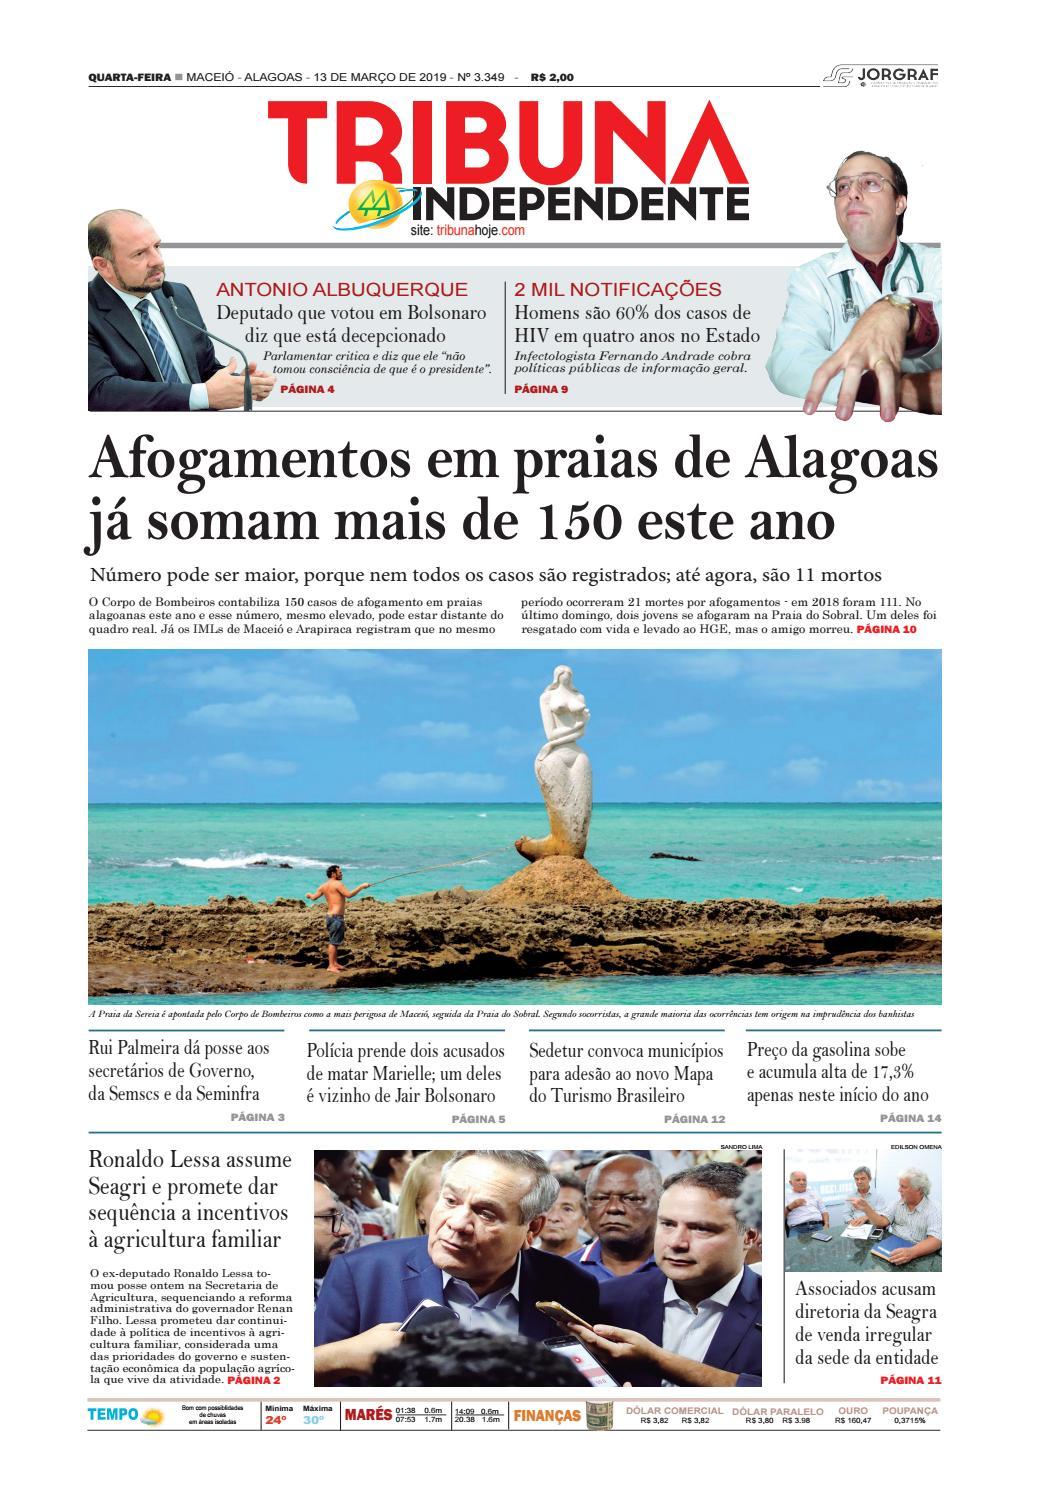 b7d6ef855 Edição número 3349 – 13 de março de 2019 by Tribuna Hoje - issuu